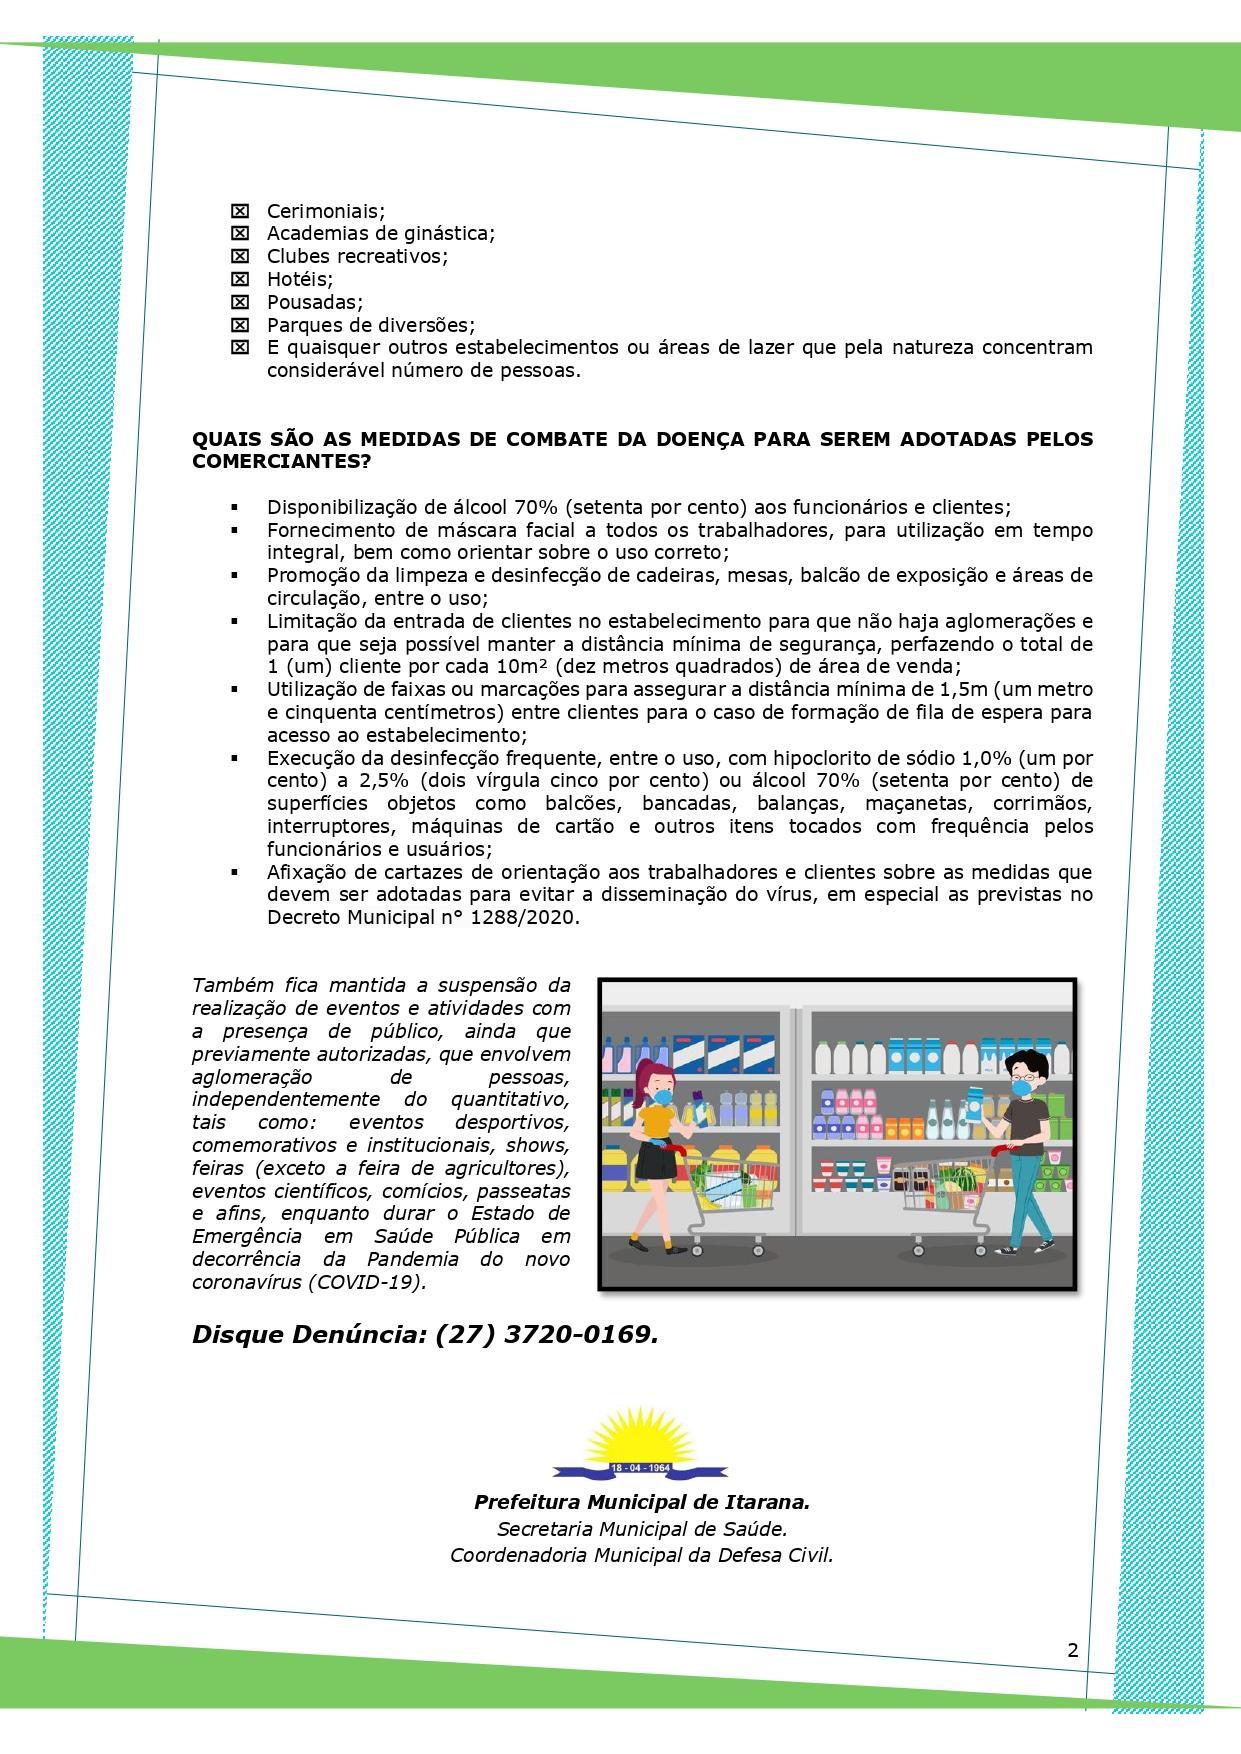 Coronavírus (COVID-19): Cartilha de orientação sobre o funcionamento dos estabelecimentos comerciais é disponibilizada para a população